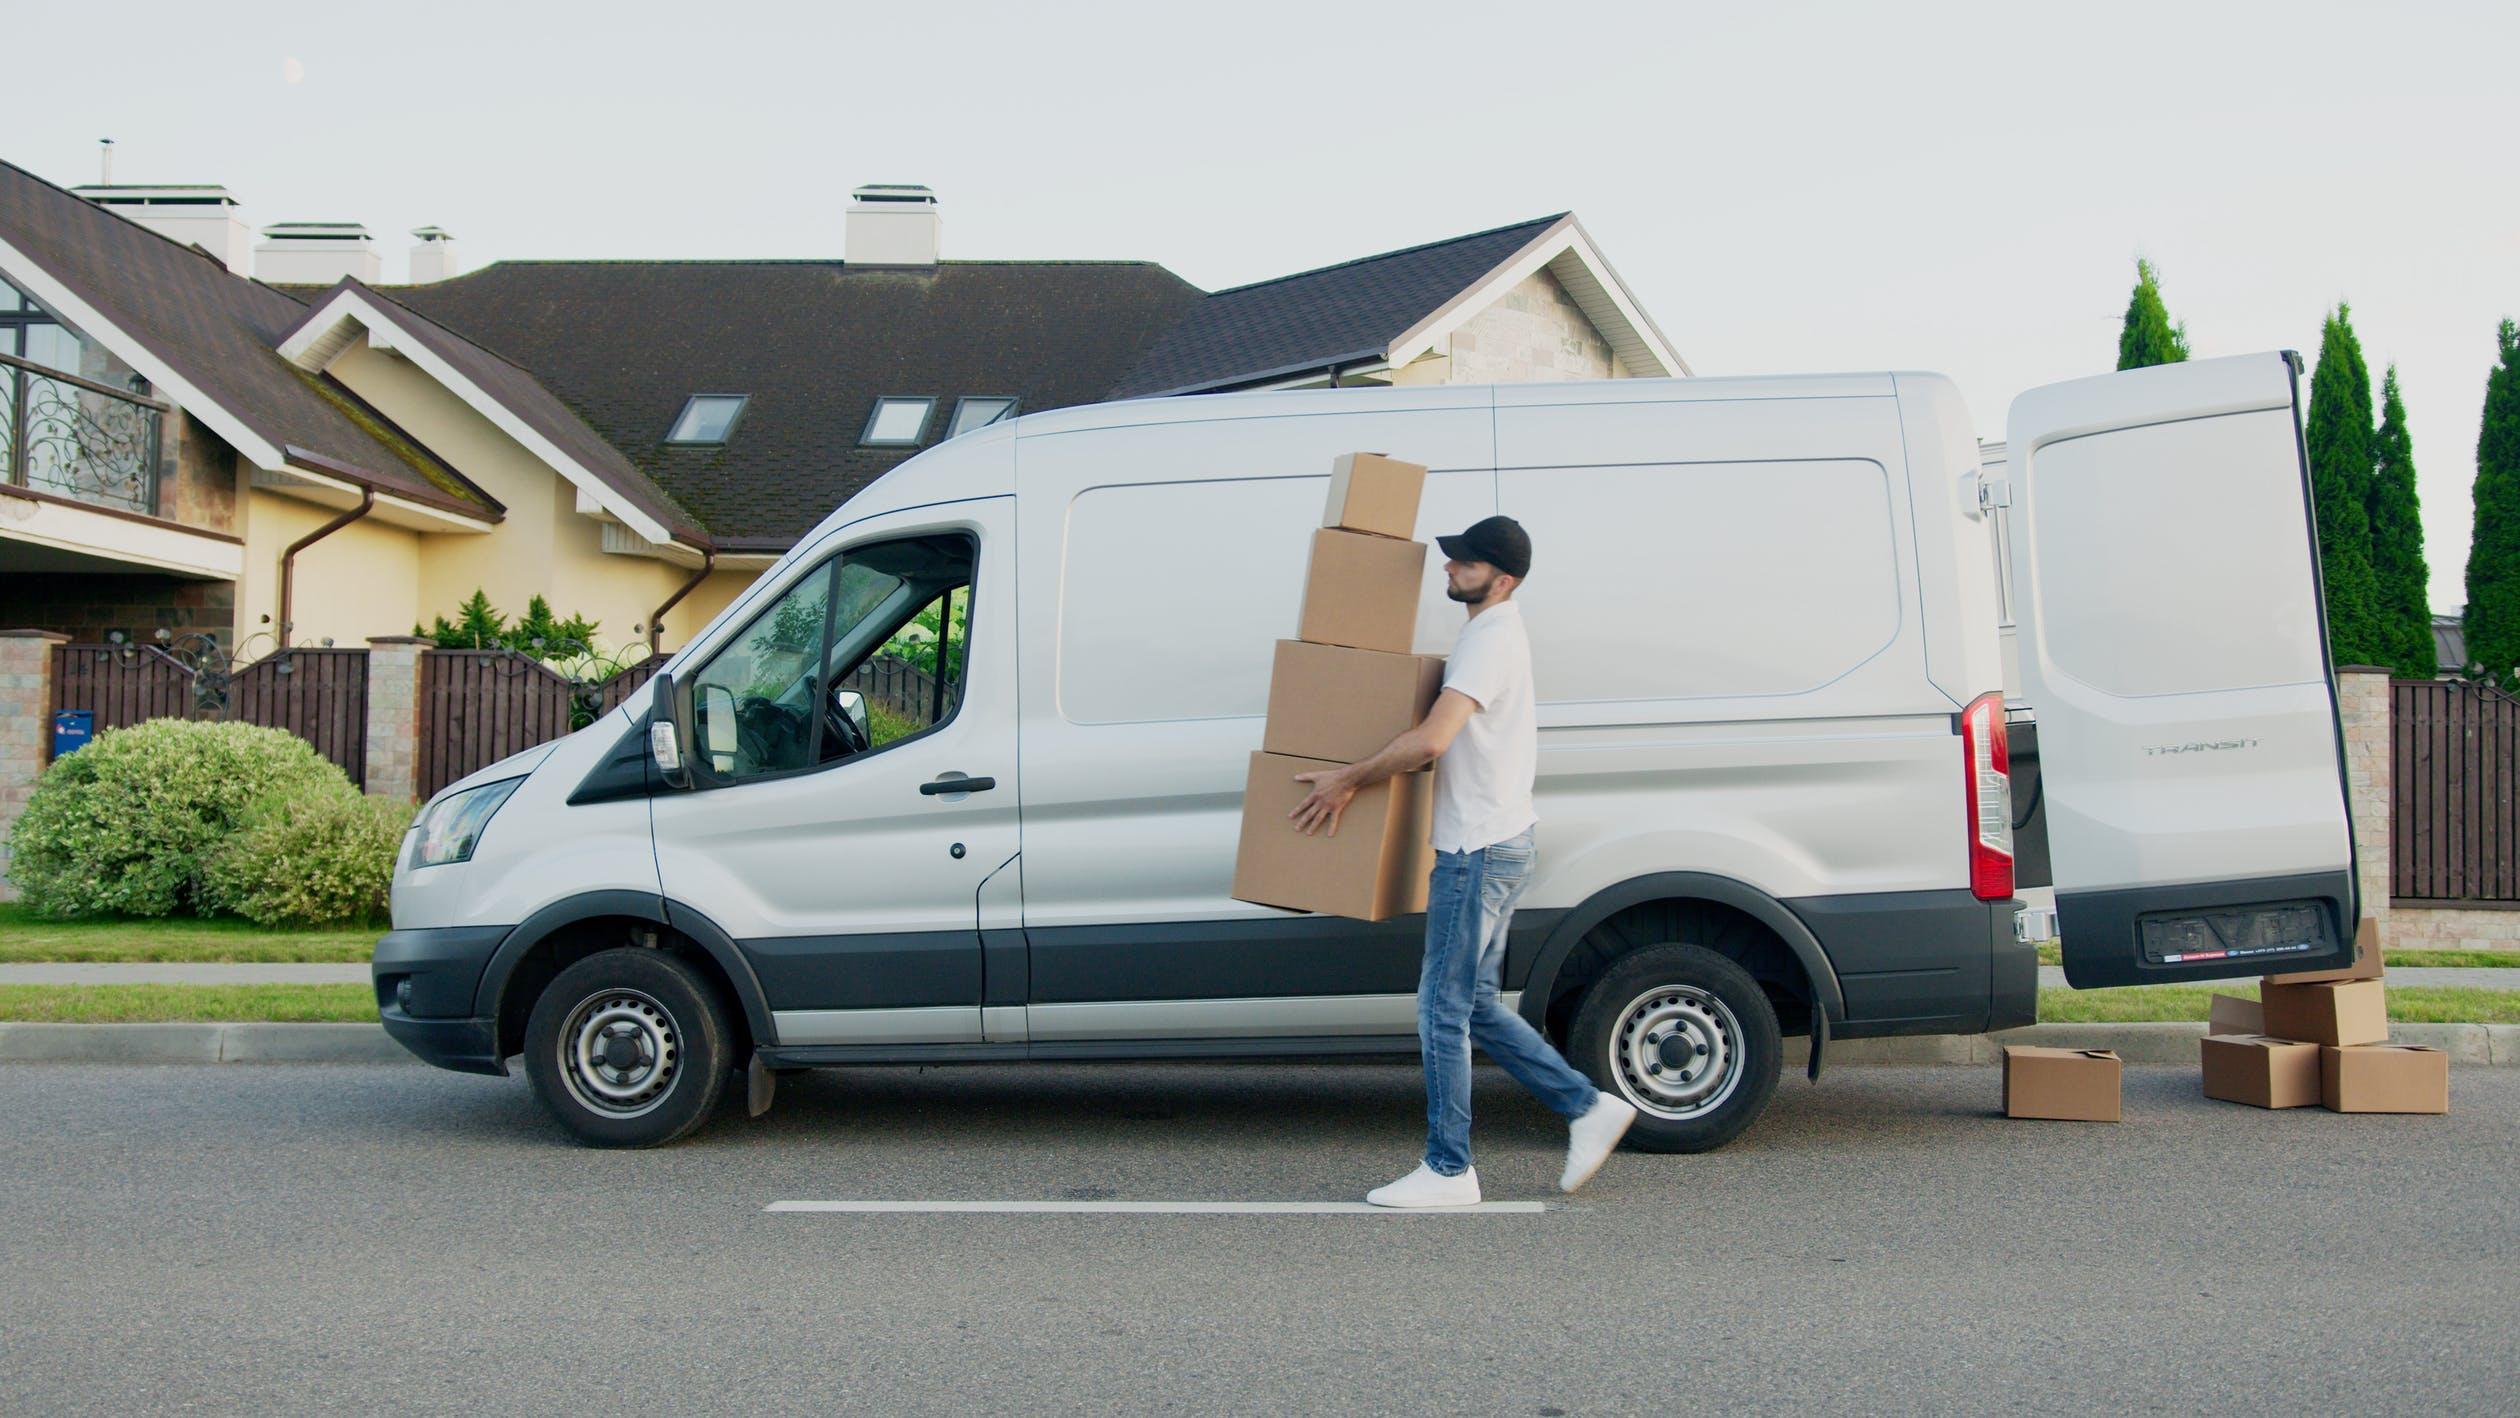 Firmy logistyczne planują inwestycje w nowe rozwiązania